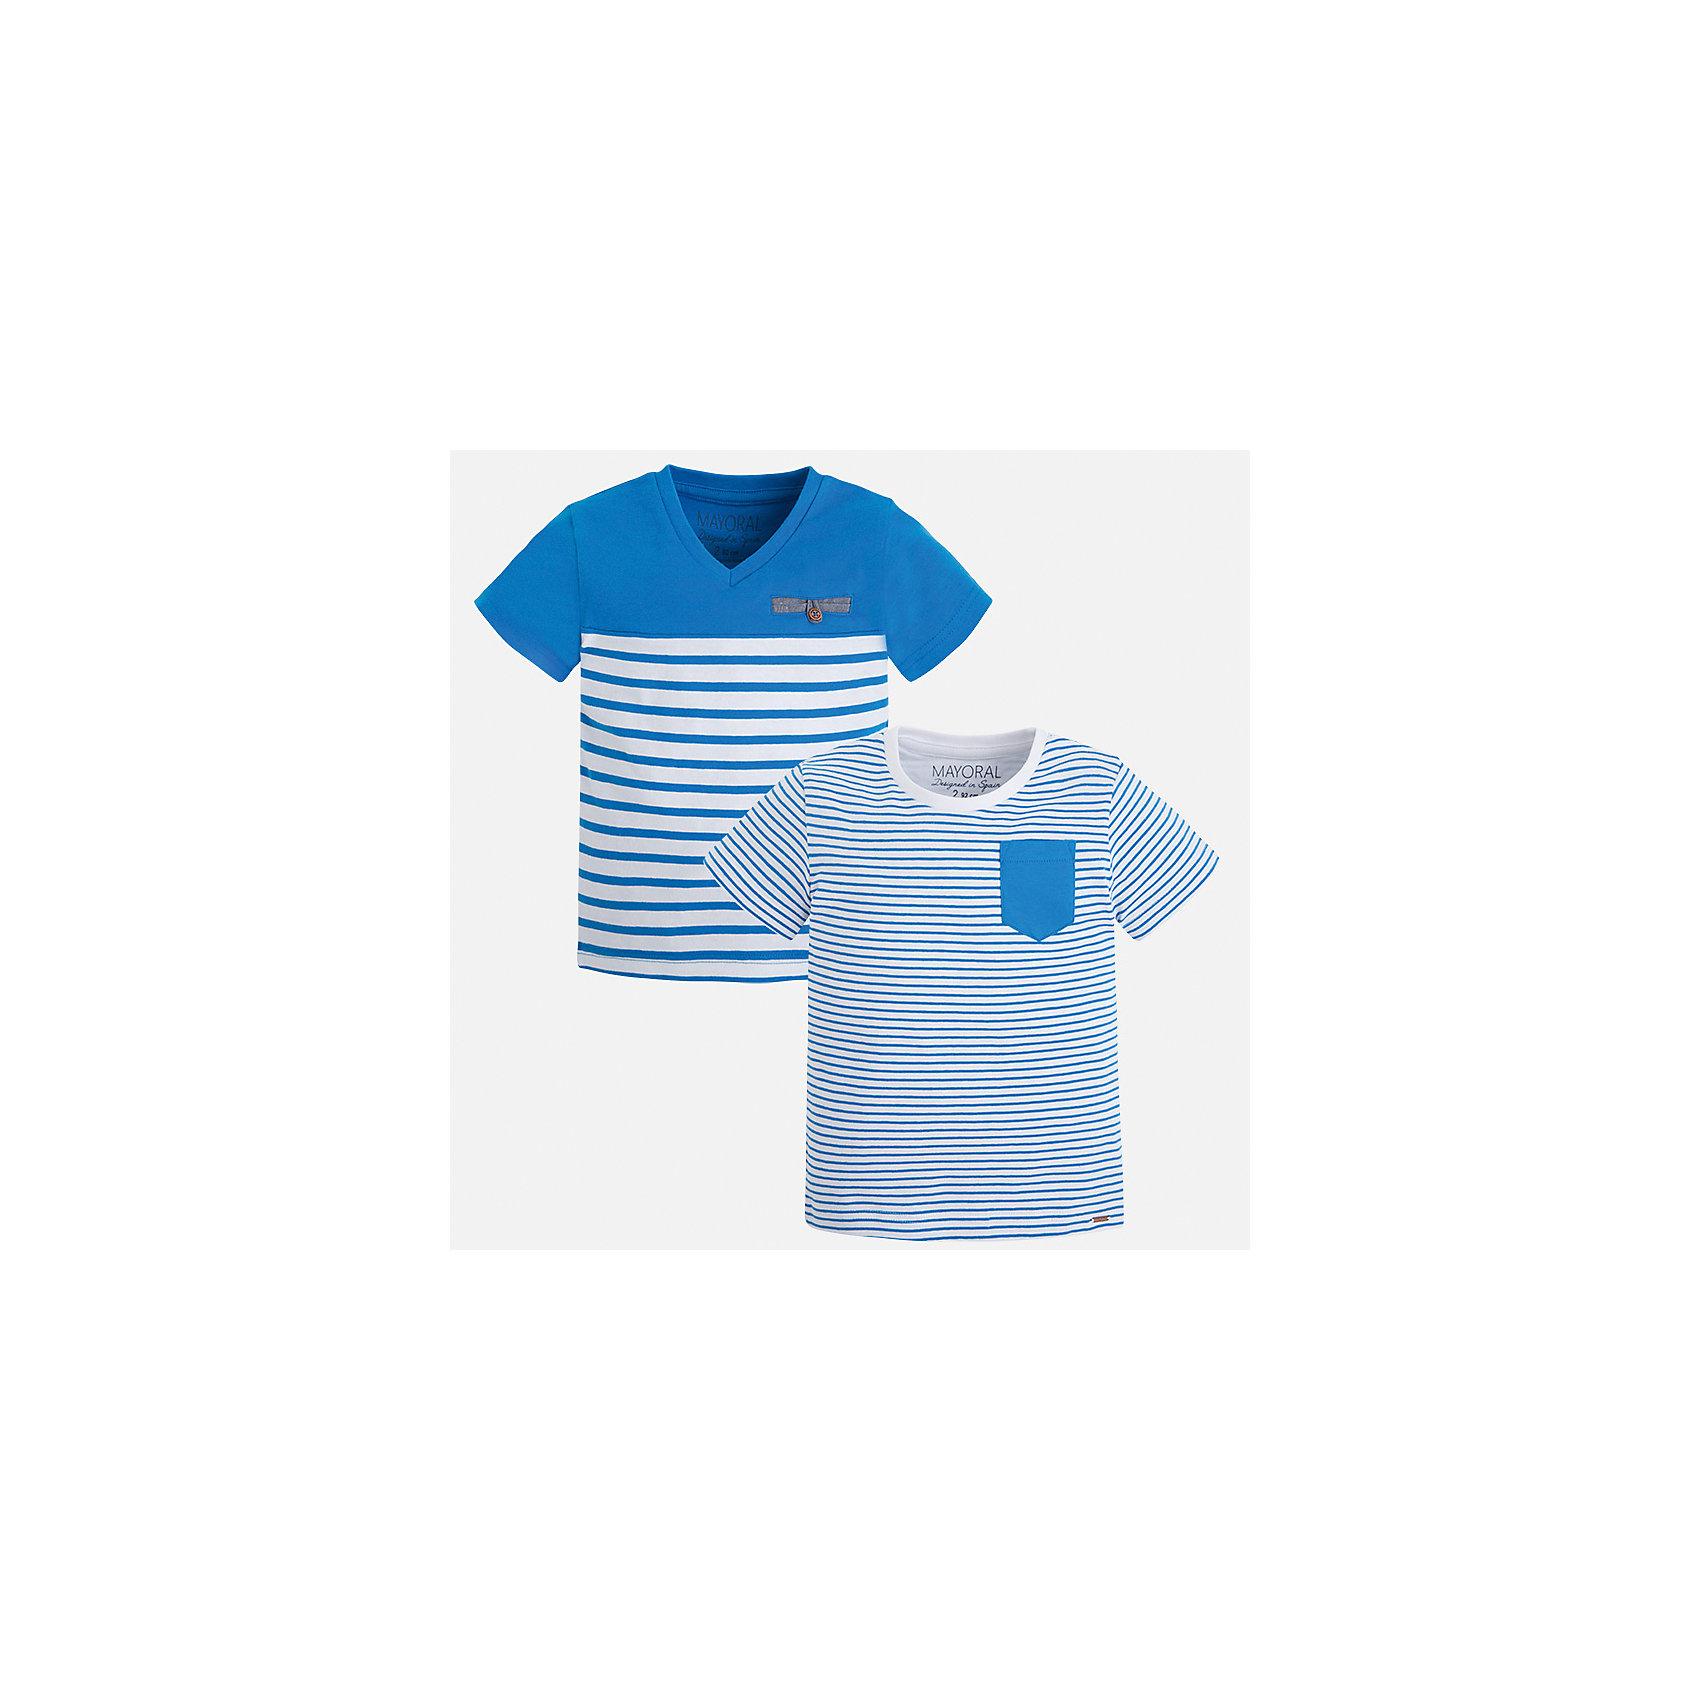 Футболка (2 шт.) для мальчика MayoralХарактеристики товара:<br><br>• цвет: голубой/белый<br>• состав: 100% хлопок<br>• комплектация: 2 шт<br>• декорированы кармашком на груди<br>• короткие рукава<br>• отделка горловины<br>• страна бренда: Испания<br><br>Модная удобная футболка с принтом поможет разнообразить гардероб мальчика. Она отлично сочетается с брюками, шортами, джинсами. Универсальный крой и цвет позволяет подобрать к вещи низ разных расцветок. Практичное и стильное изделие! Хорошо смотрится и комфортно сидит на детях. В составе материала - только натуральный хлопок, гипоаллергенный, приятный на ощупь, дышащий. <br><br>Одежда, обувь и аксессуары от испанского бренда Mayoral полюбились детям и взрослым по всему миру. Модели этой марки - стильные и удобные. Для их производства используются только безопасные, качественные материалы и фурнитура. Порадуйте ребенка модными и красивыми вещами от Mayoral! <br><br>Футболку (2 шт.) для мальчика от испанского бренда Mayoral (Майорал) можно купить в нашем интернет-магазине.<br><br>Ширина мм: 199<br>Глубина мм: 10<br>Высота мм: 161<br>Вес г: 151<br>Цвет: синий<br>Возраст от месяцев: 18<br>Возраст до месяцев: 24<br>Пол: Мужской<br>Возраст: Детский<br>Размер: 92,122,116,104,98,92,110,134,128<br>SKU: 5279953